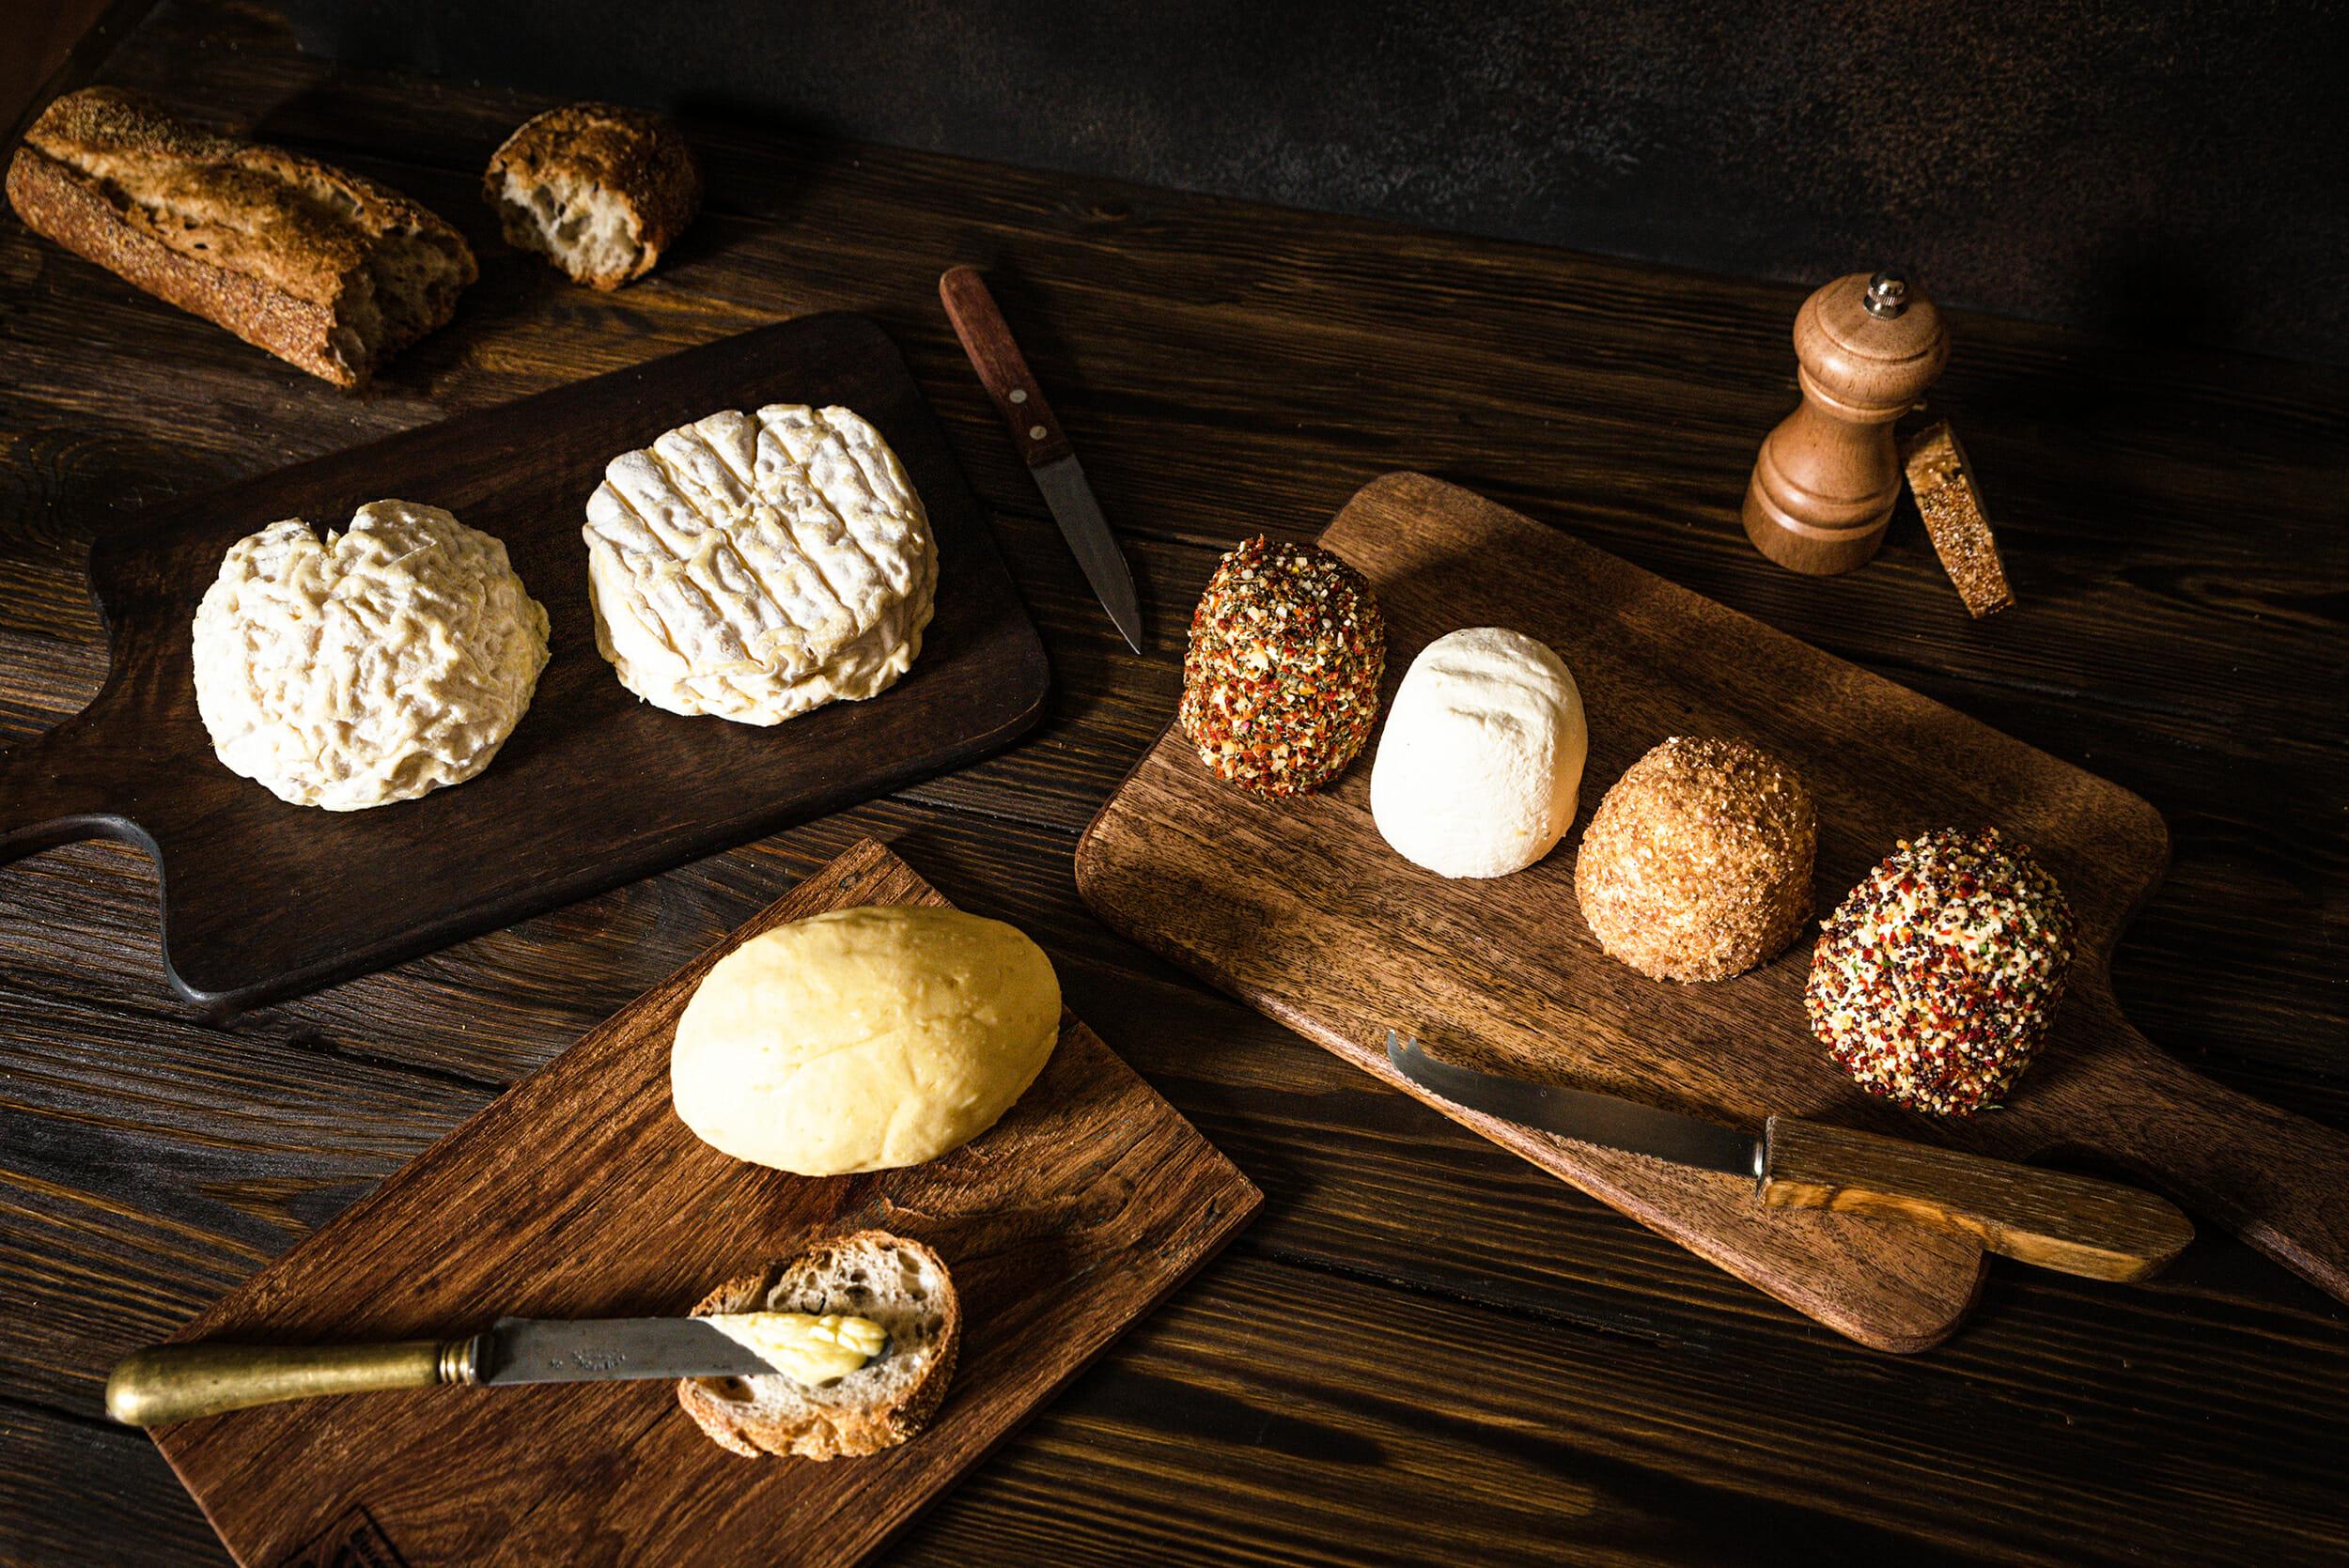 Fromages fermiers au lait cru BIO et beurre de baratte Côtes d'Armor 22 - Les Prairies de La Noé